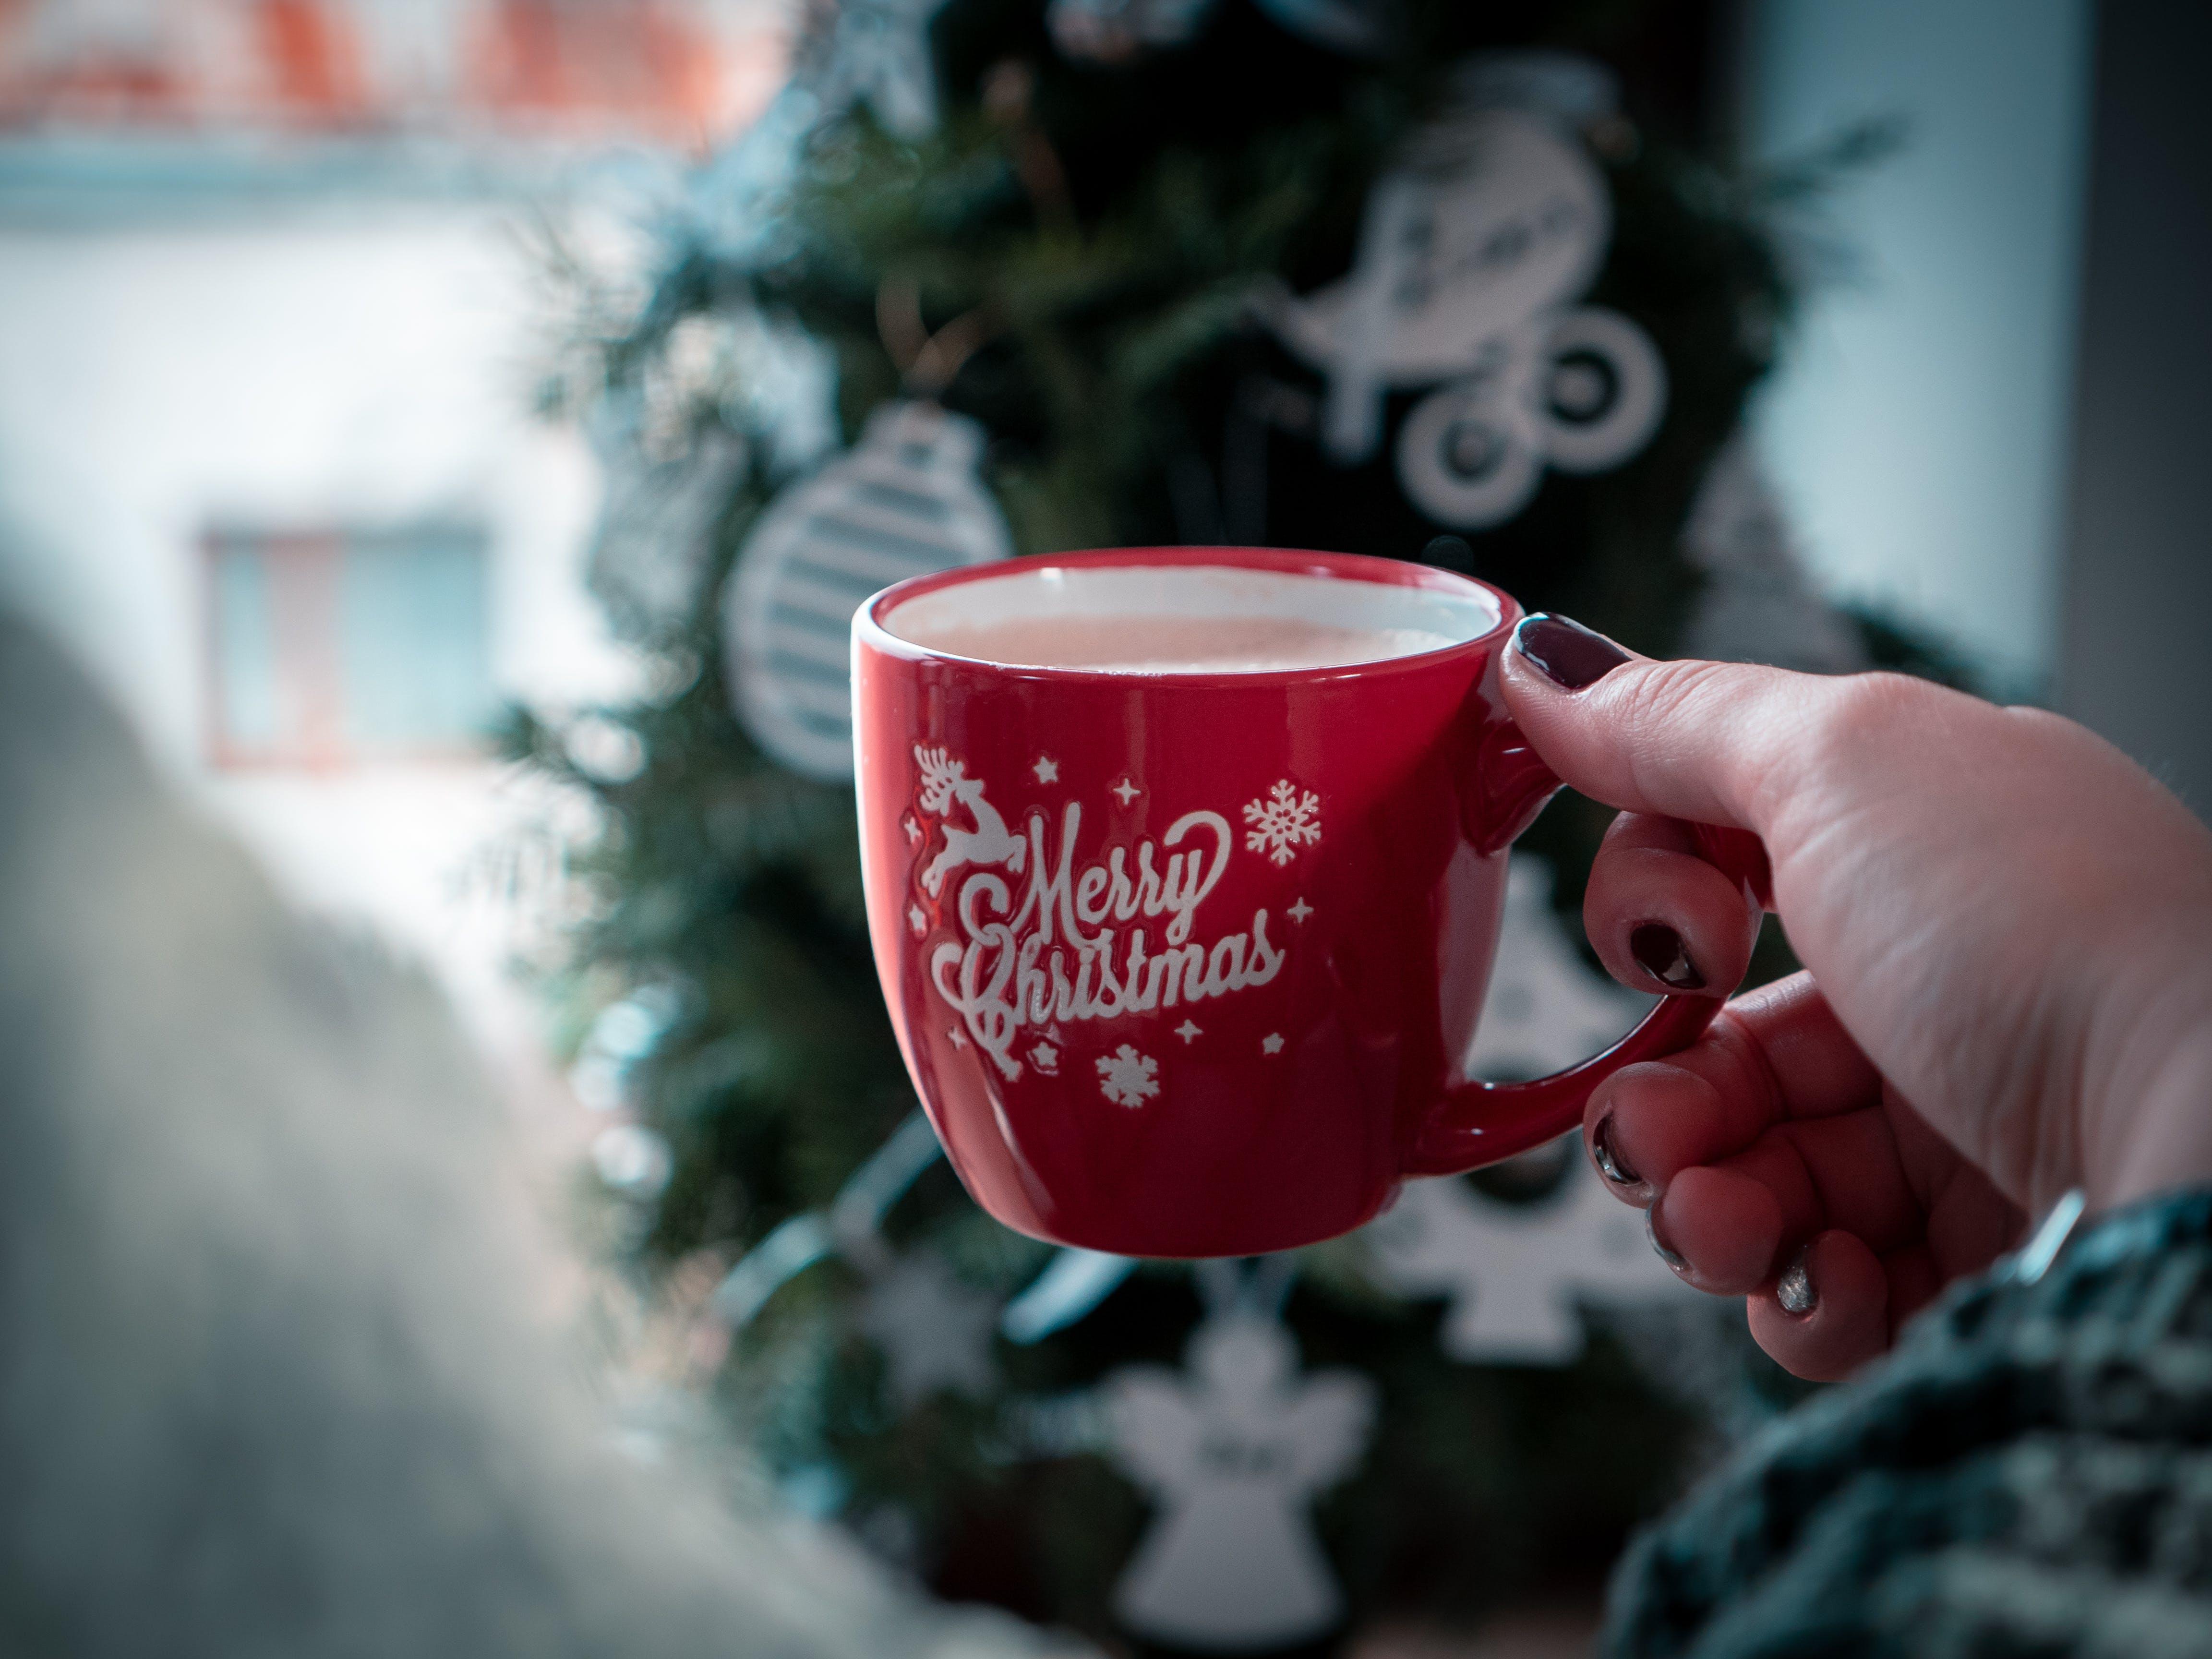 Red Merry Christmas-printed Mug